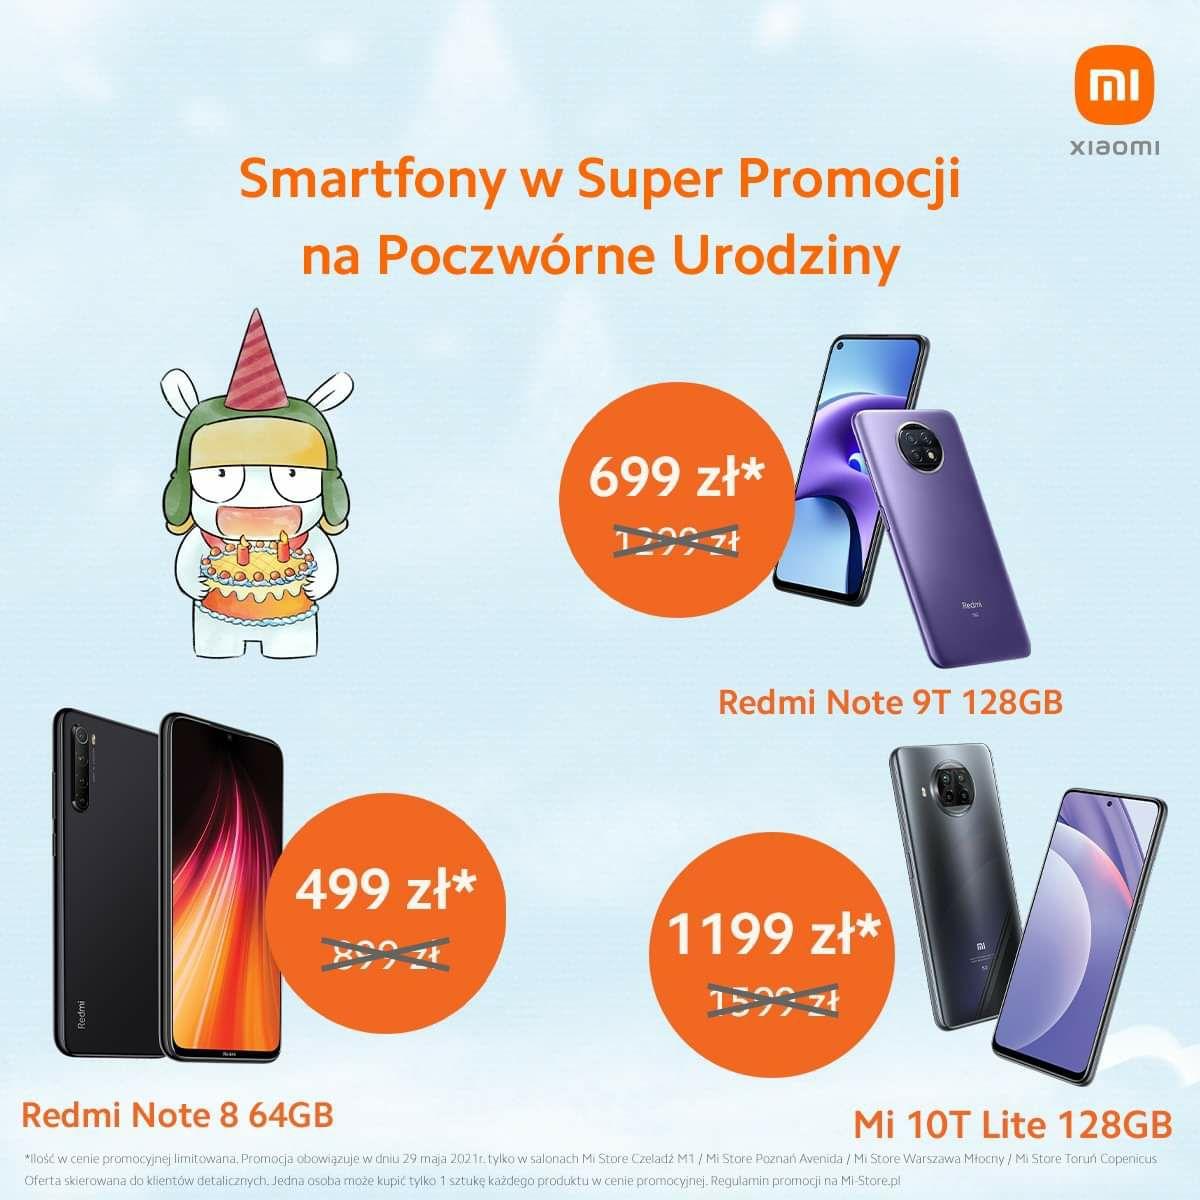 Urodziny Mi Store Redmi Note 9t 5g 4gb/128gb i wiele innych